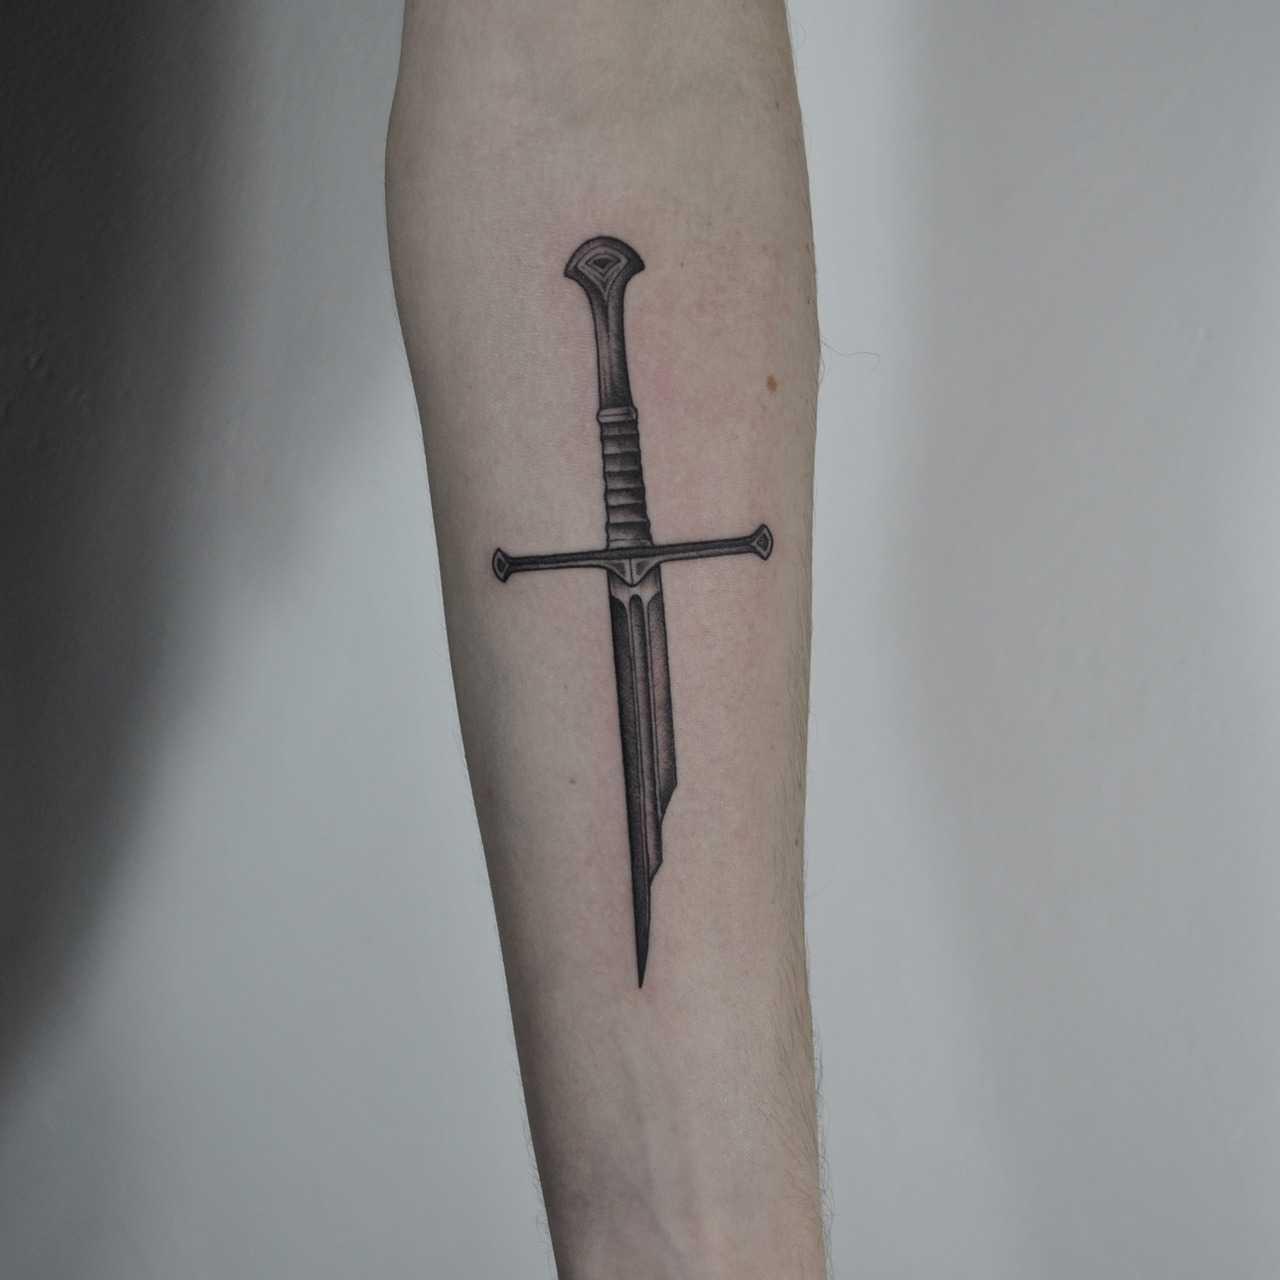 Broken sword tattoo by Berkin Donmez